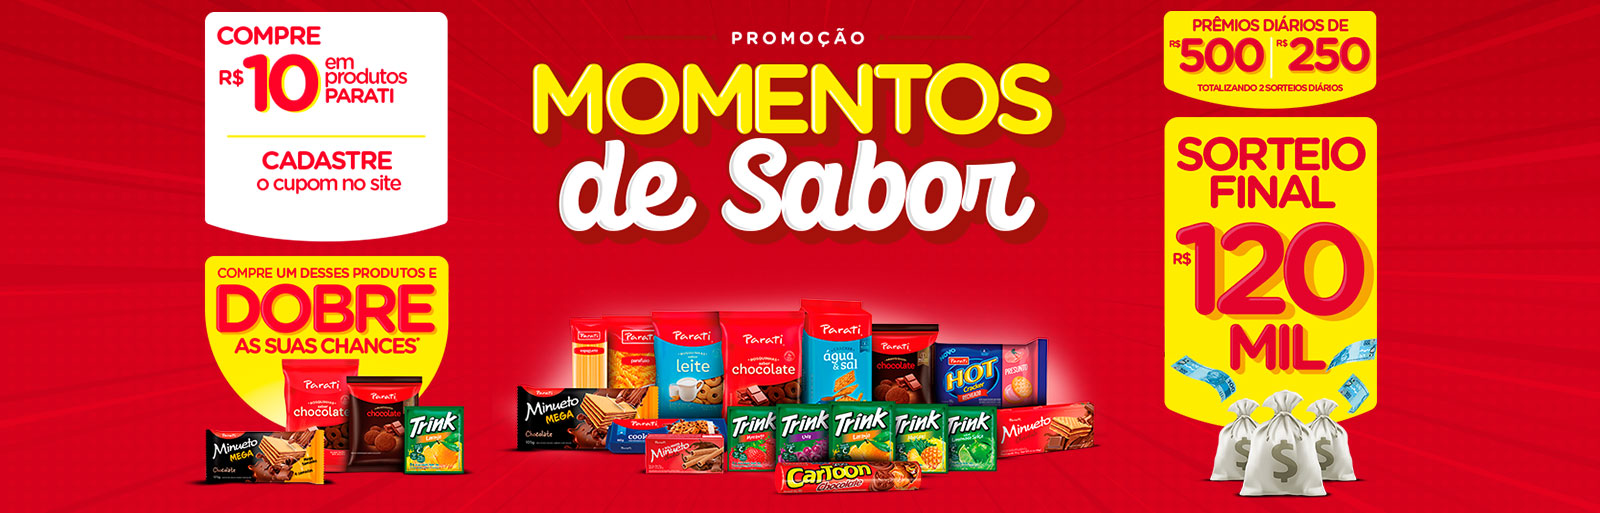 Promoção Momentos de Sabor Parati